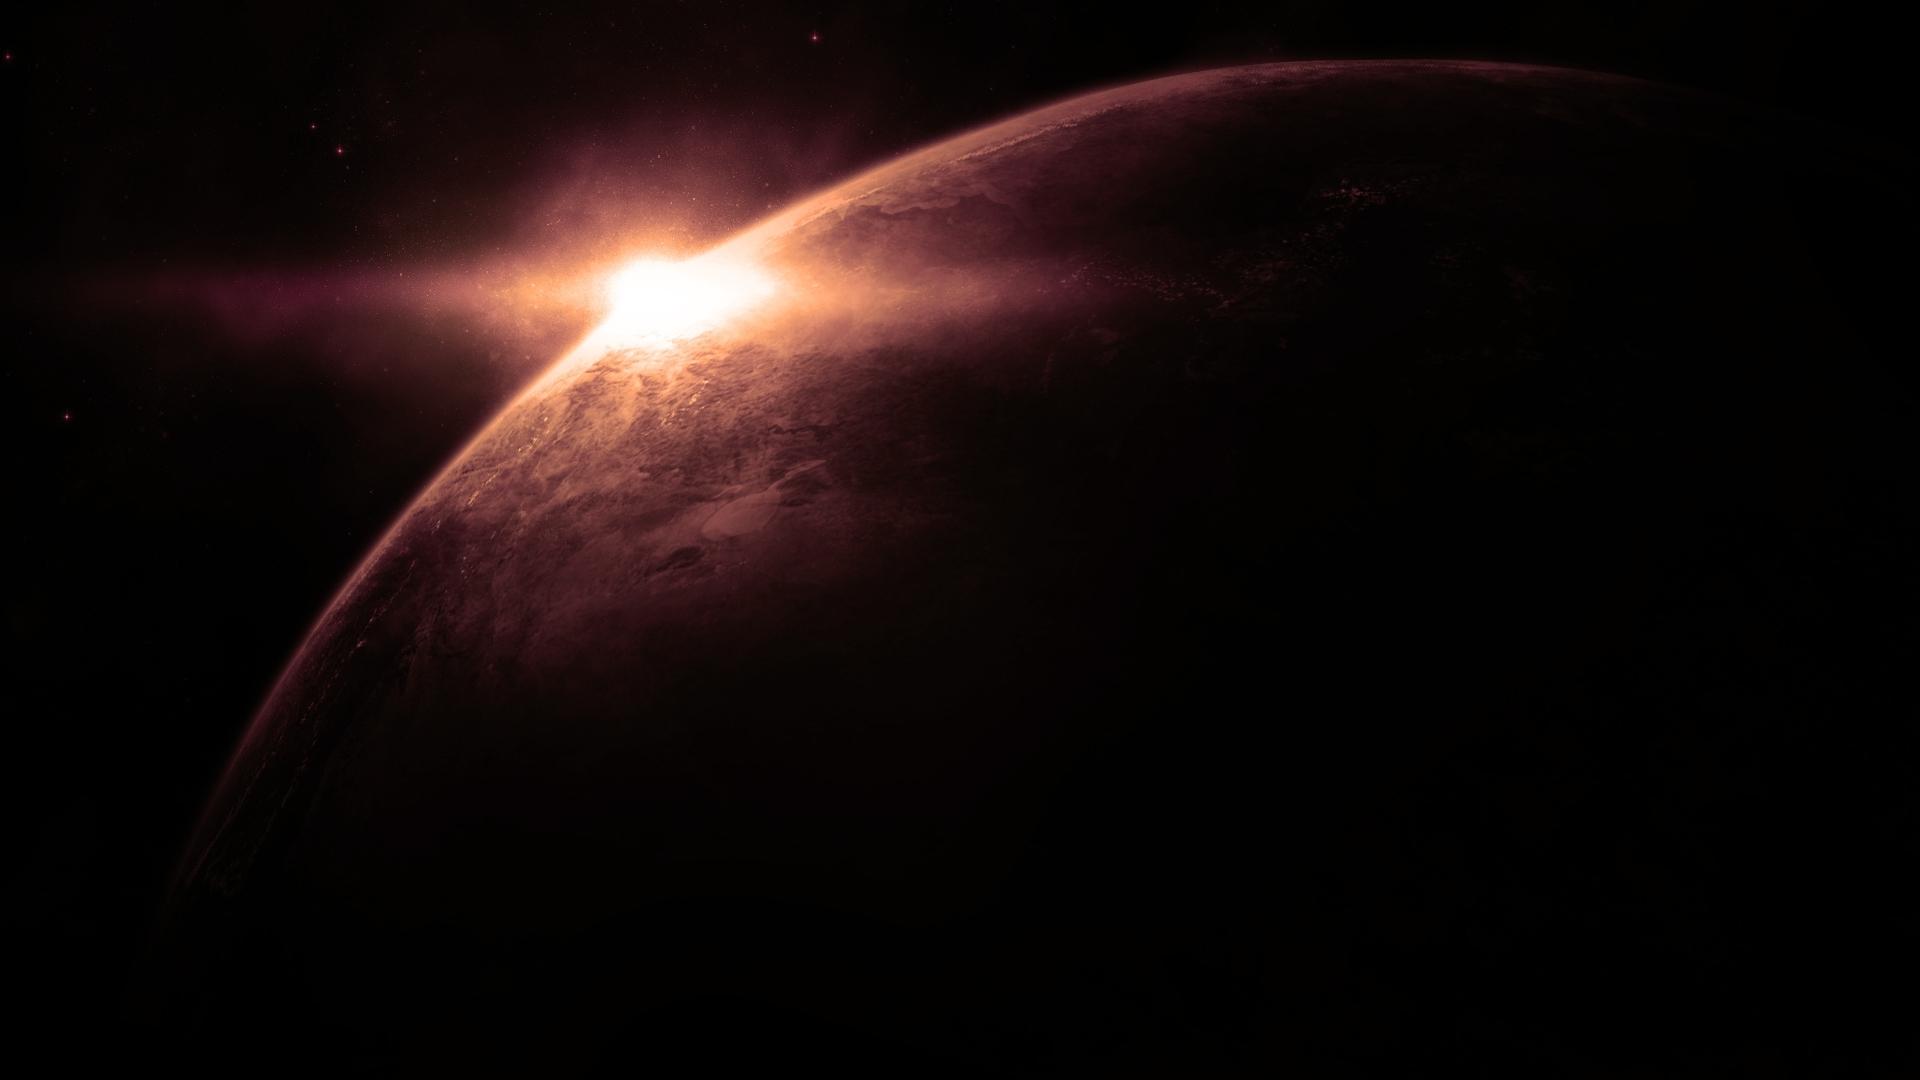 космос, солнце выходит из-за планеты, скачать фото, обои на рабочий стол